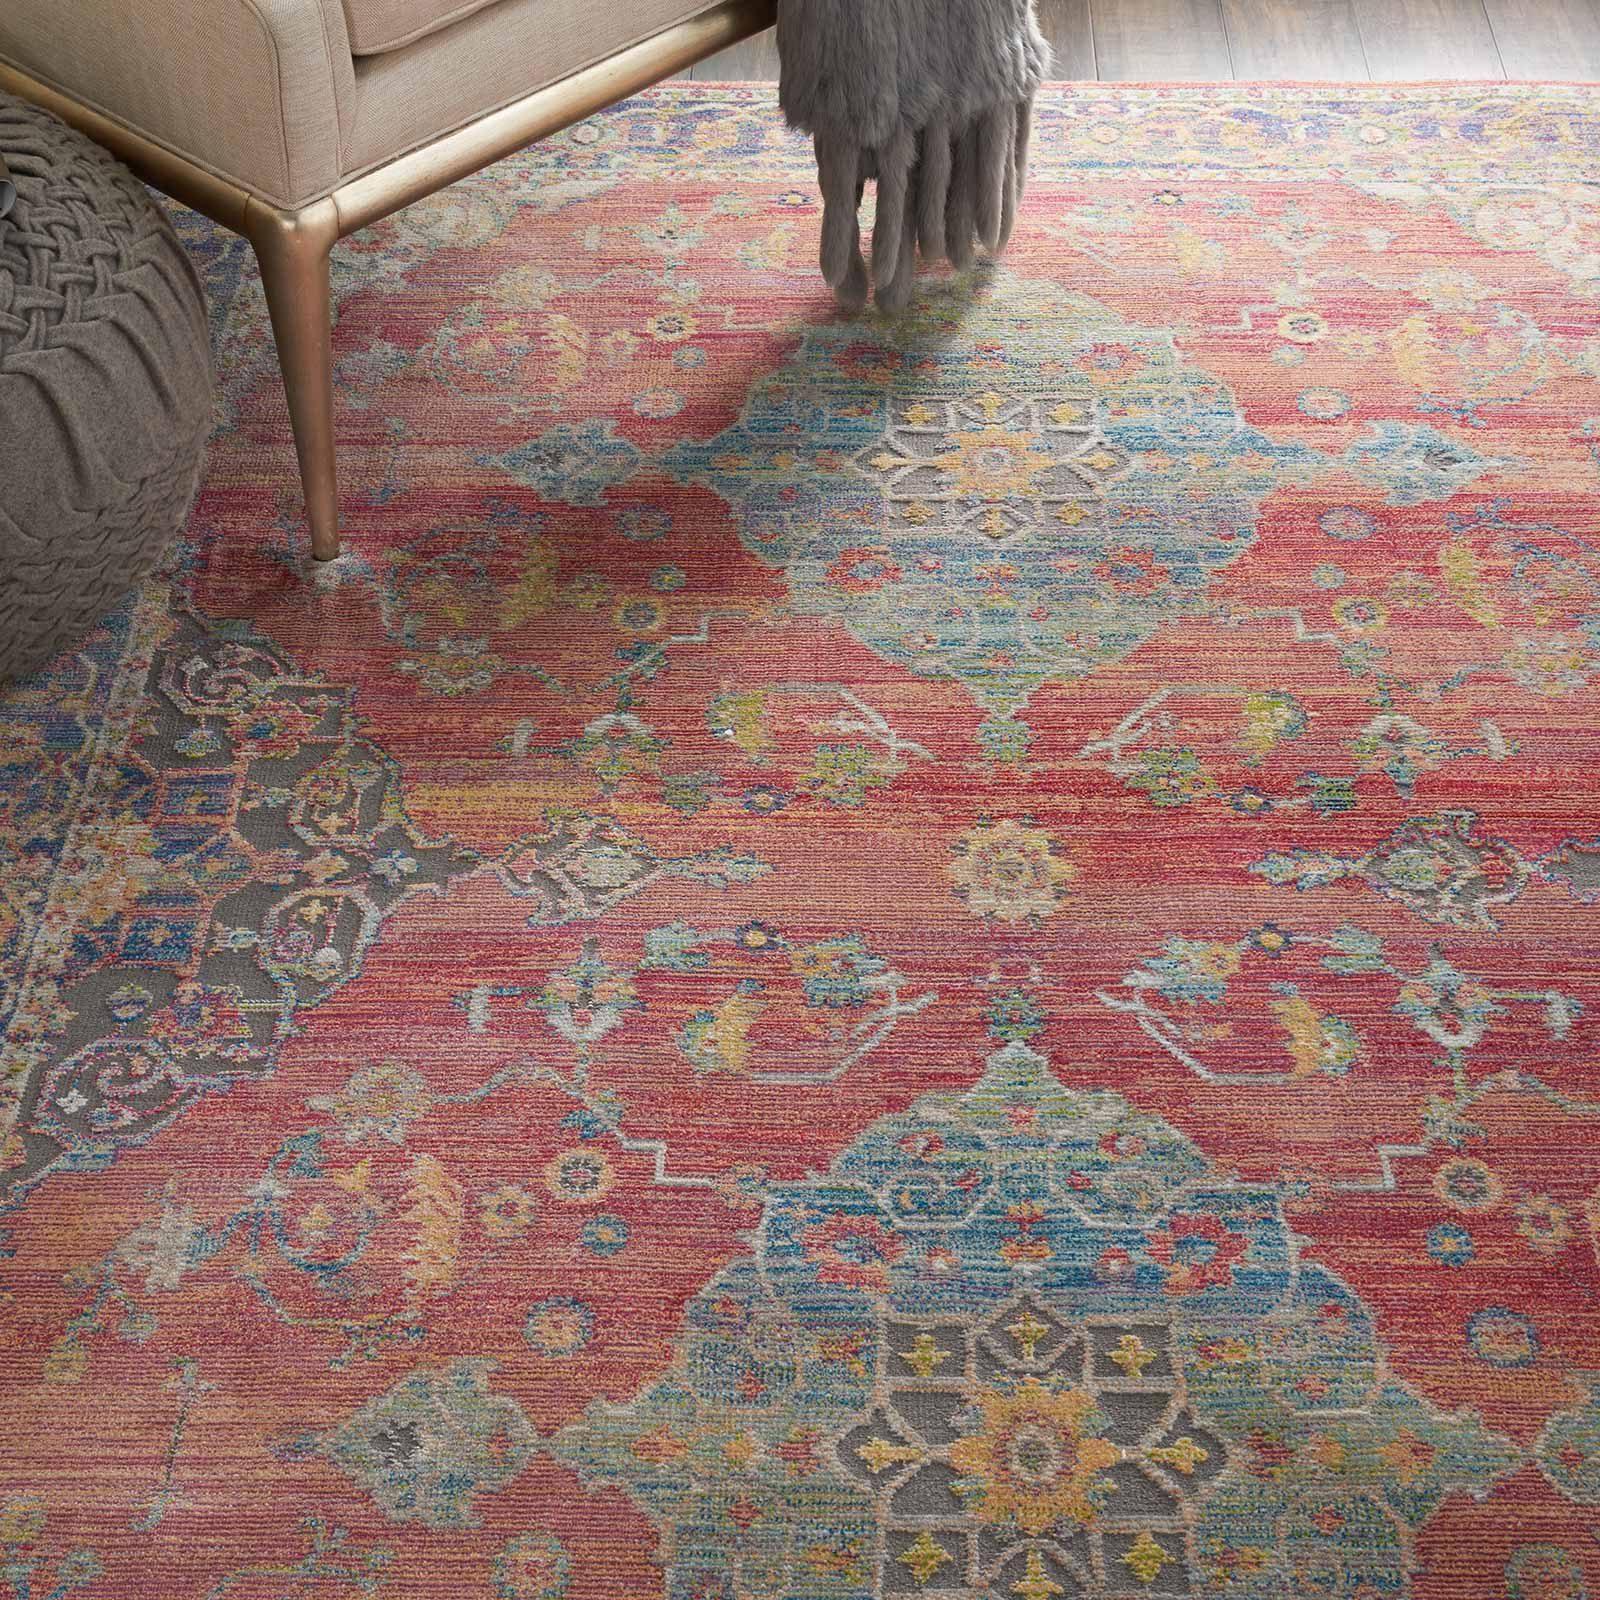 Andessi tapijt Ankara Global ANR01 MULTI 5X8 099446456335 interior 2 C